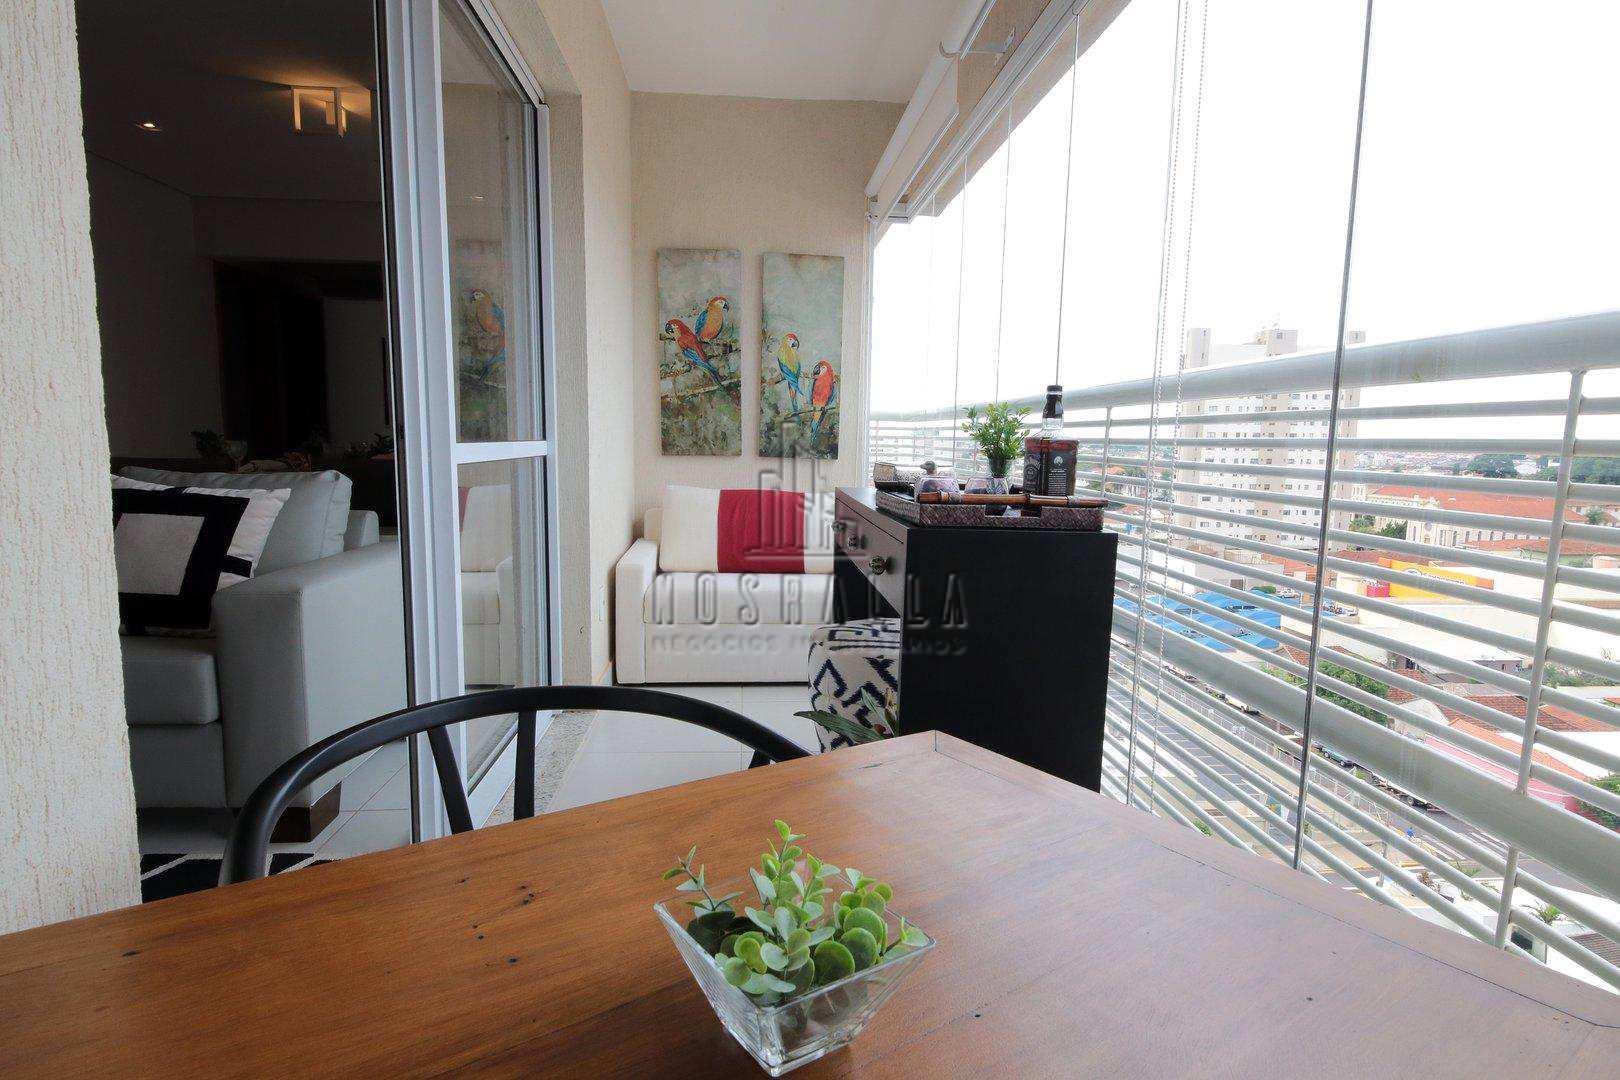 varanda-decorado-1.JPG.1920x1080_q85